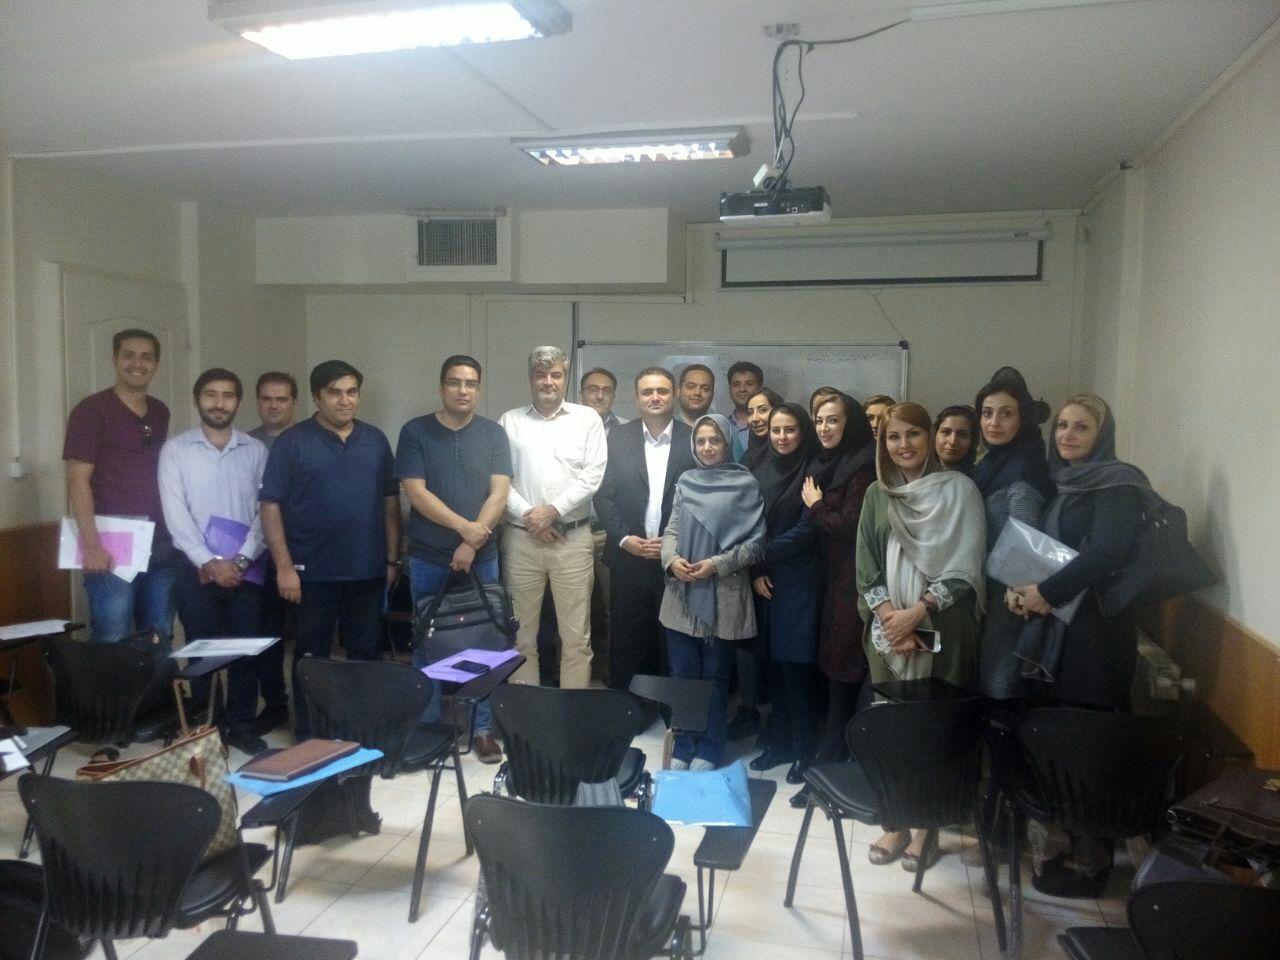 کارگاه صورت معاملات فصلی – دانشگاه علم و فرهنگ تهران